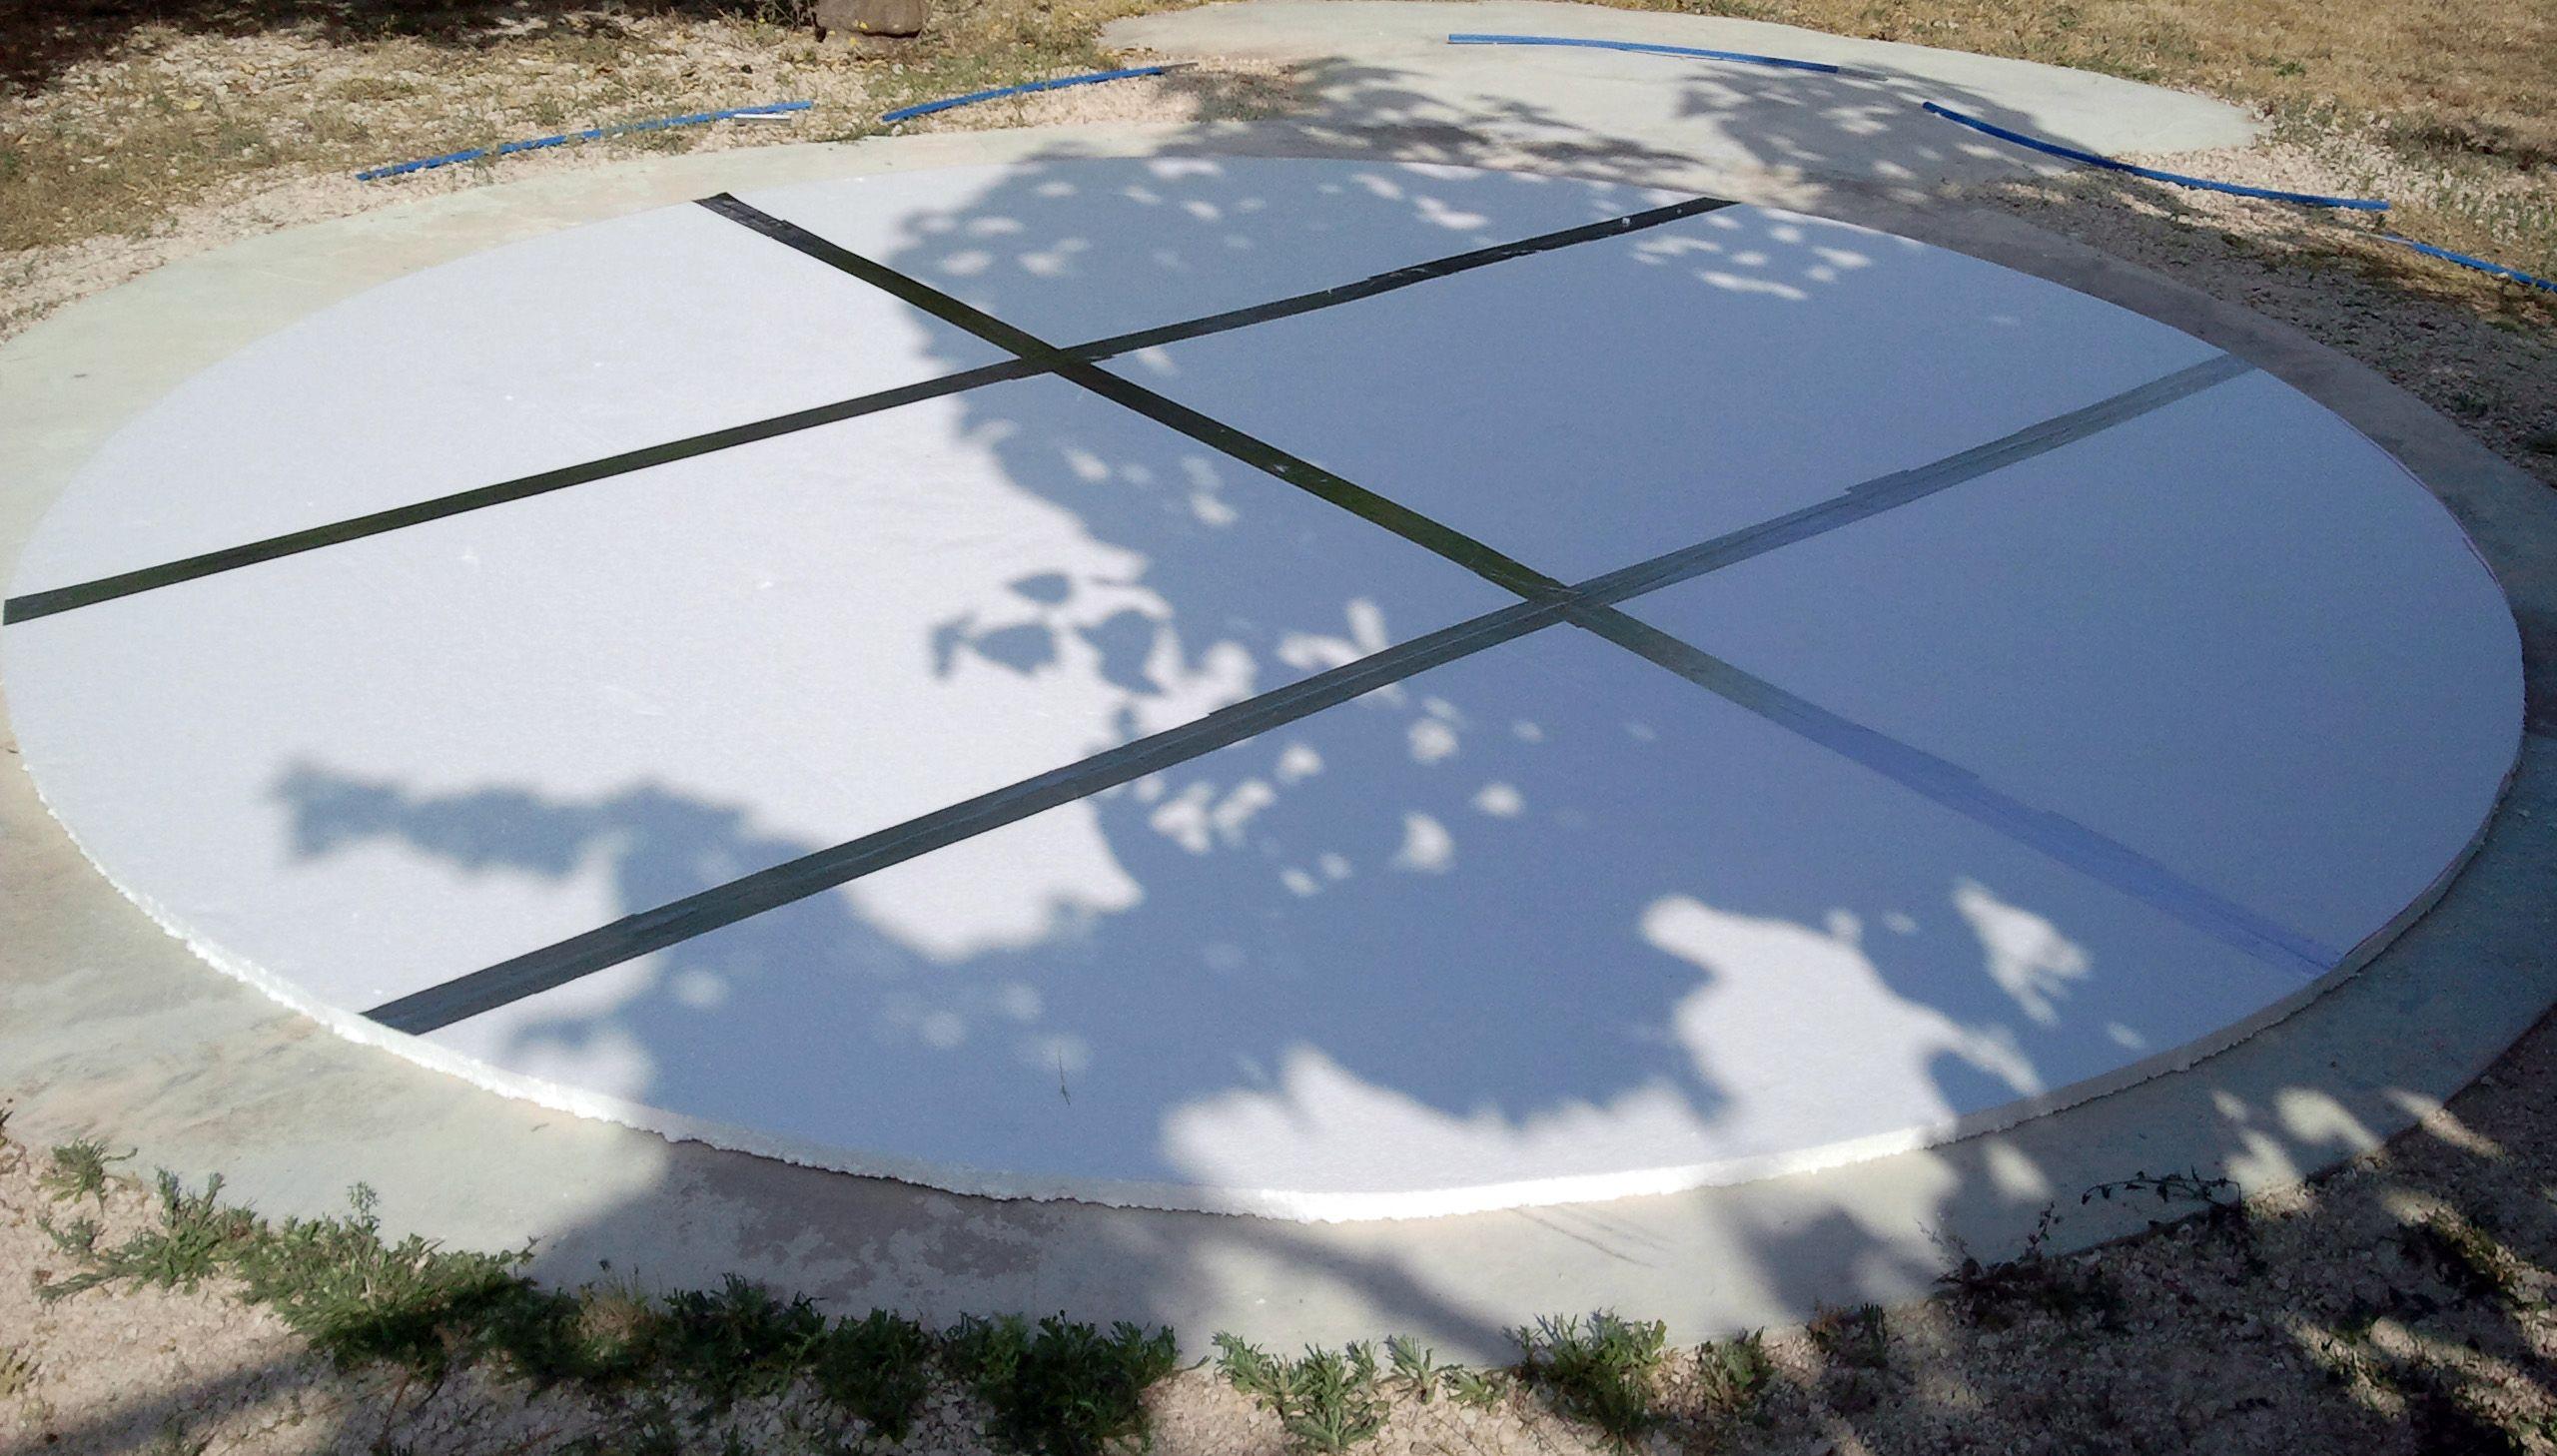 Preparación De La Base De La Piscina Desmontable Solera De Hormigón De 15cm Planchas De Poliestireno Corcho Blanco Piscina Solera De Hormigon Piscinas